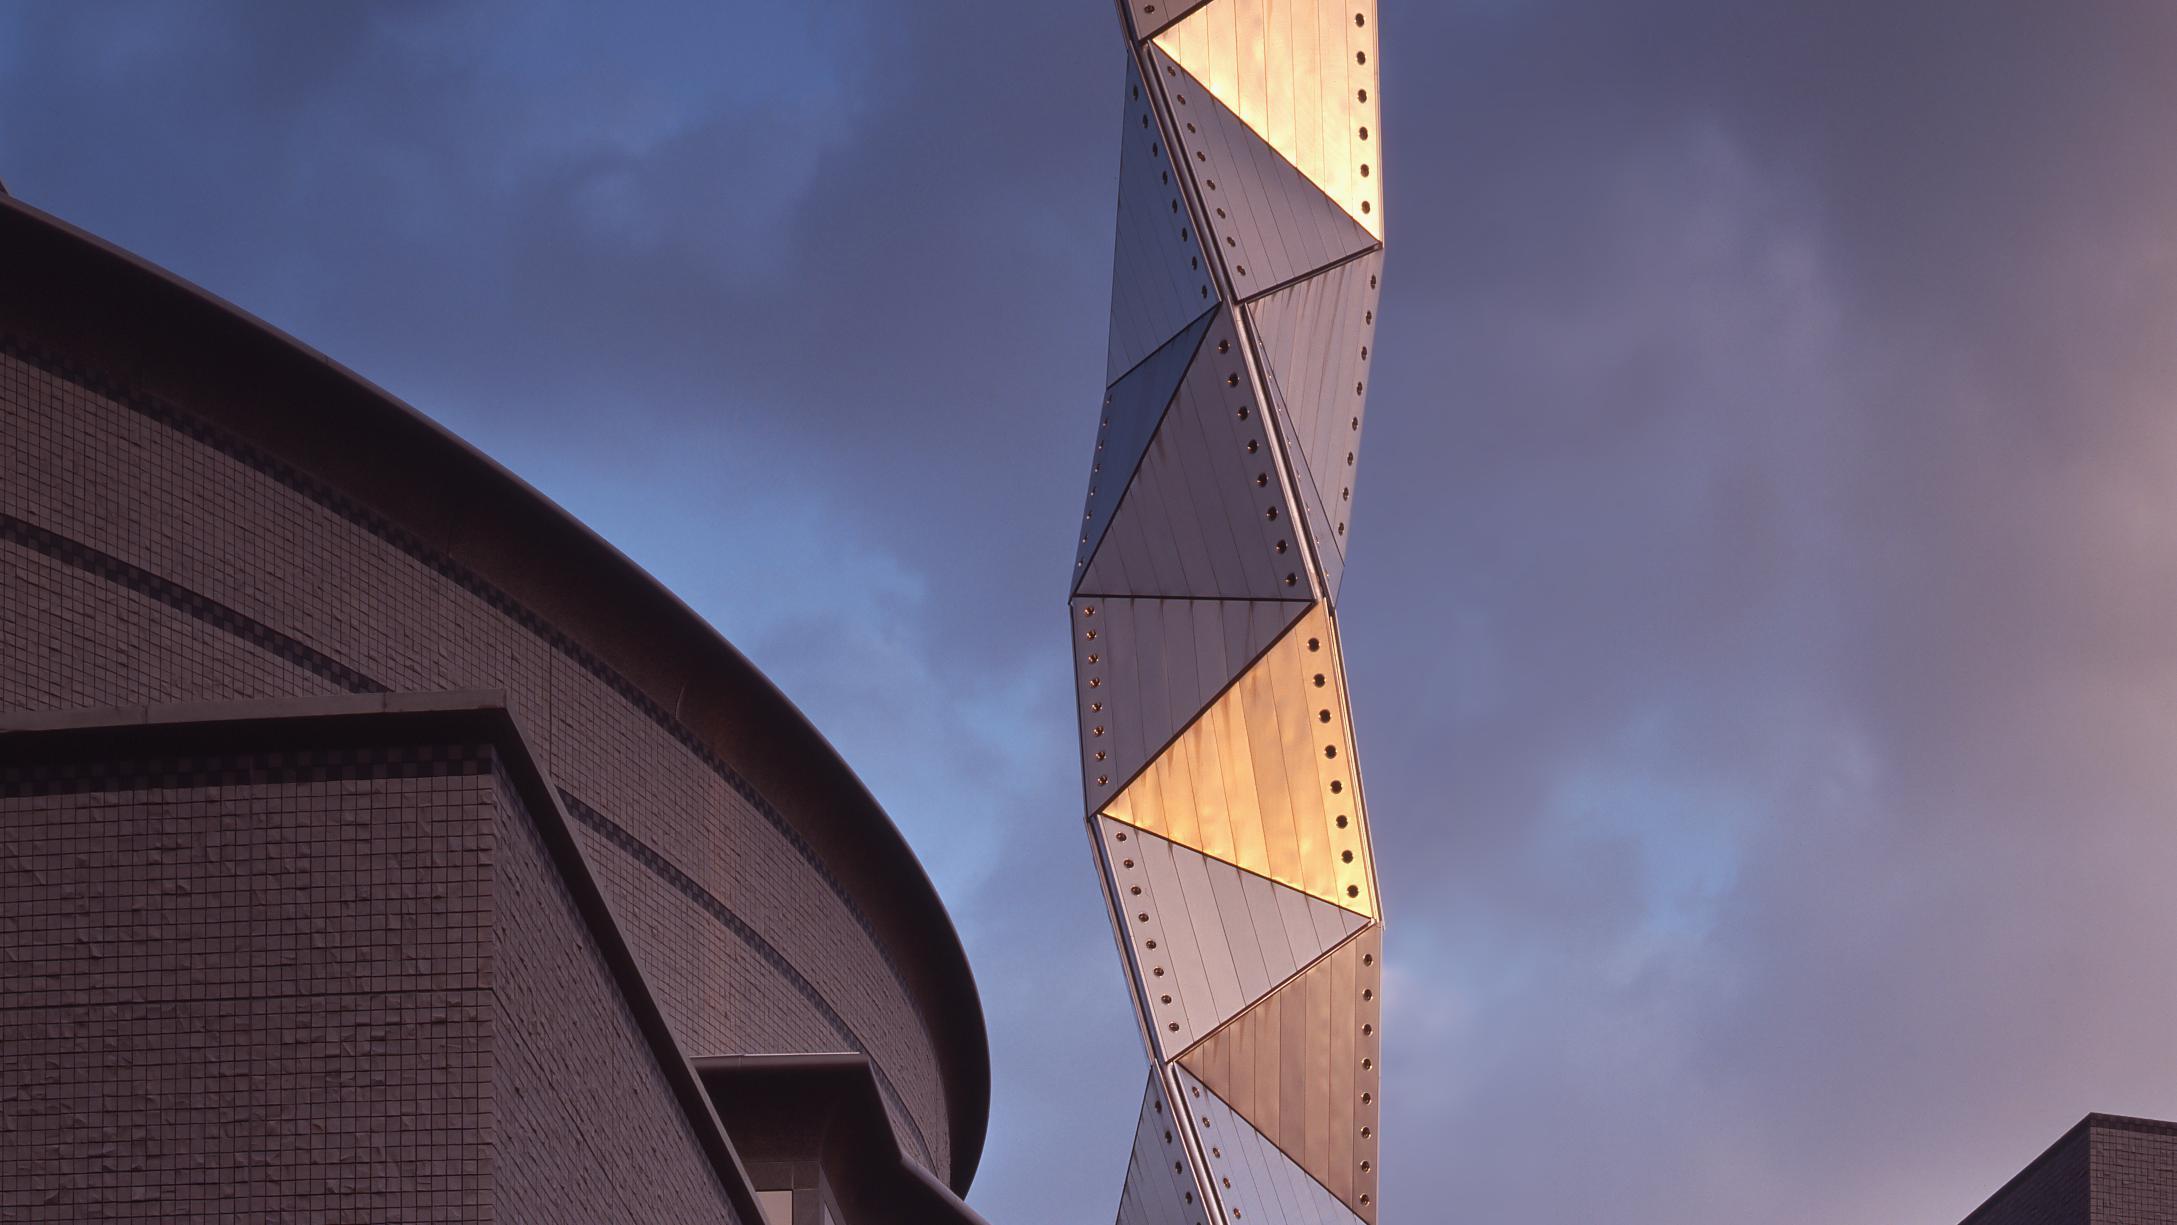 Art Tower Mito (1986-90) im japanischen Ibaraki, ein Kulturzentrum mit spektakulär gedrehtem Turm